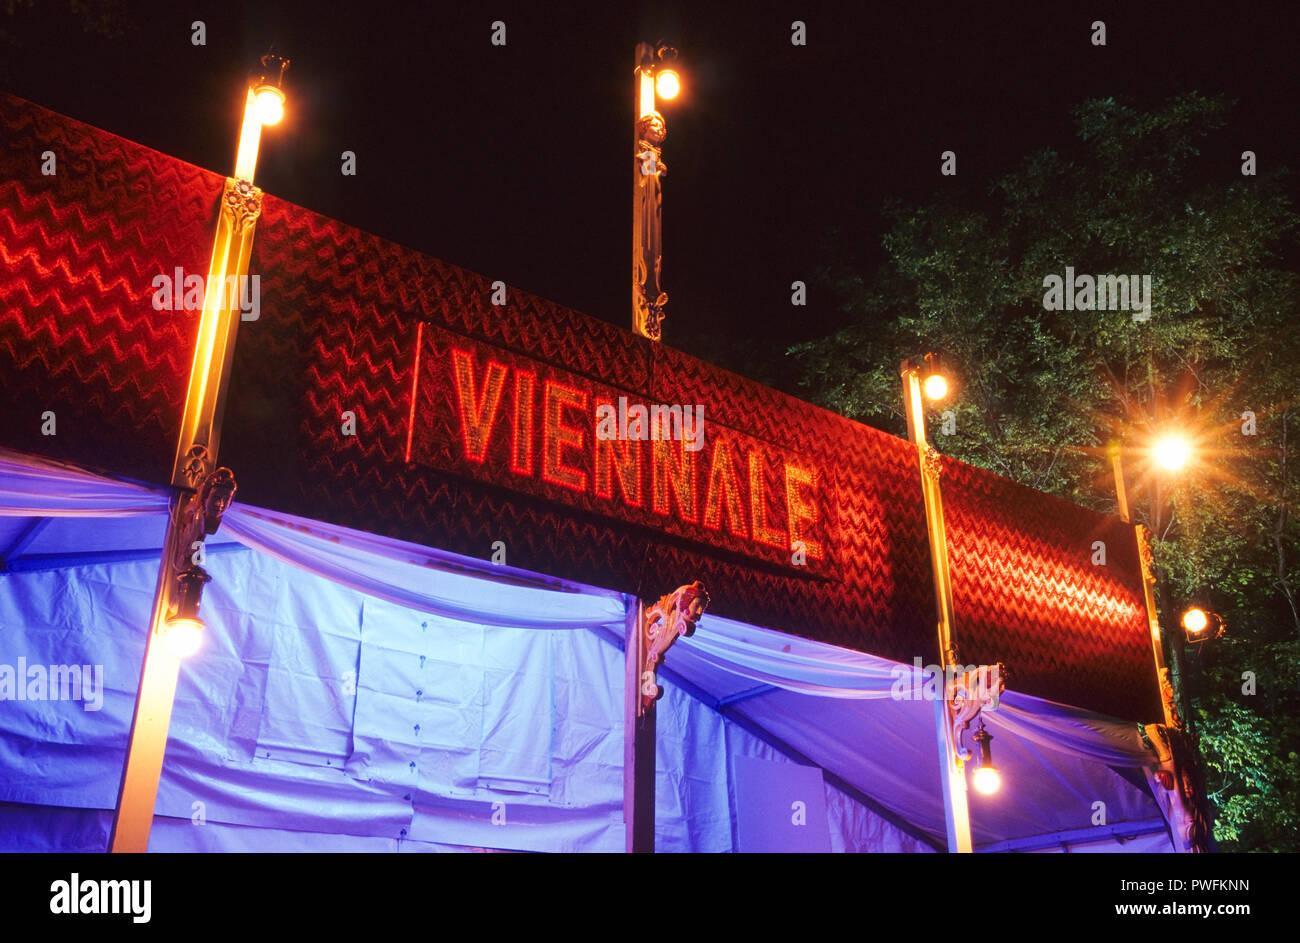 Wien, la Viennale, Kino - Viena, la Viennale, Cine Imagen De Stock